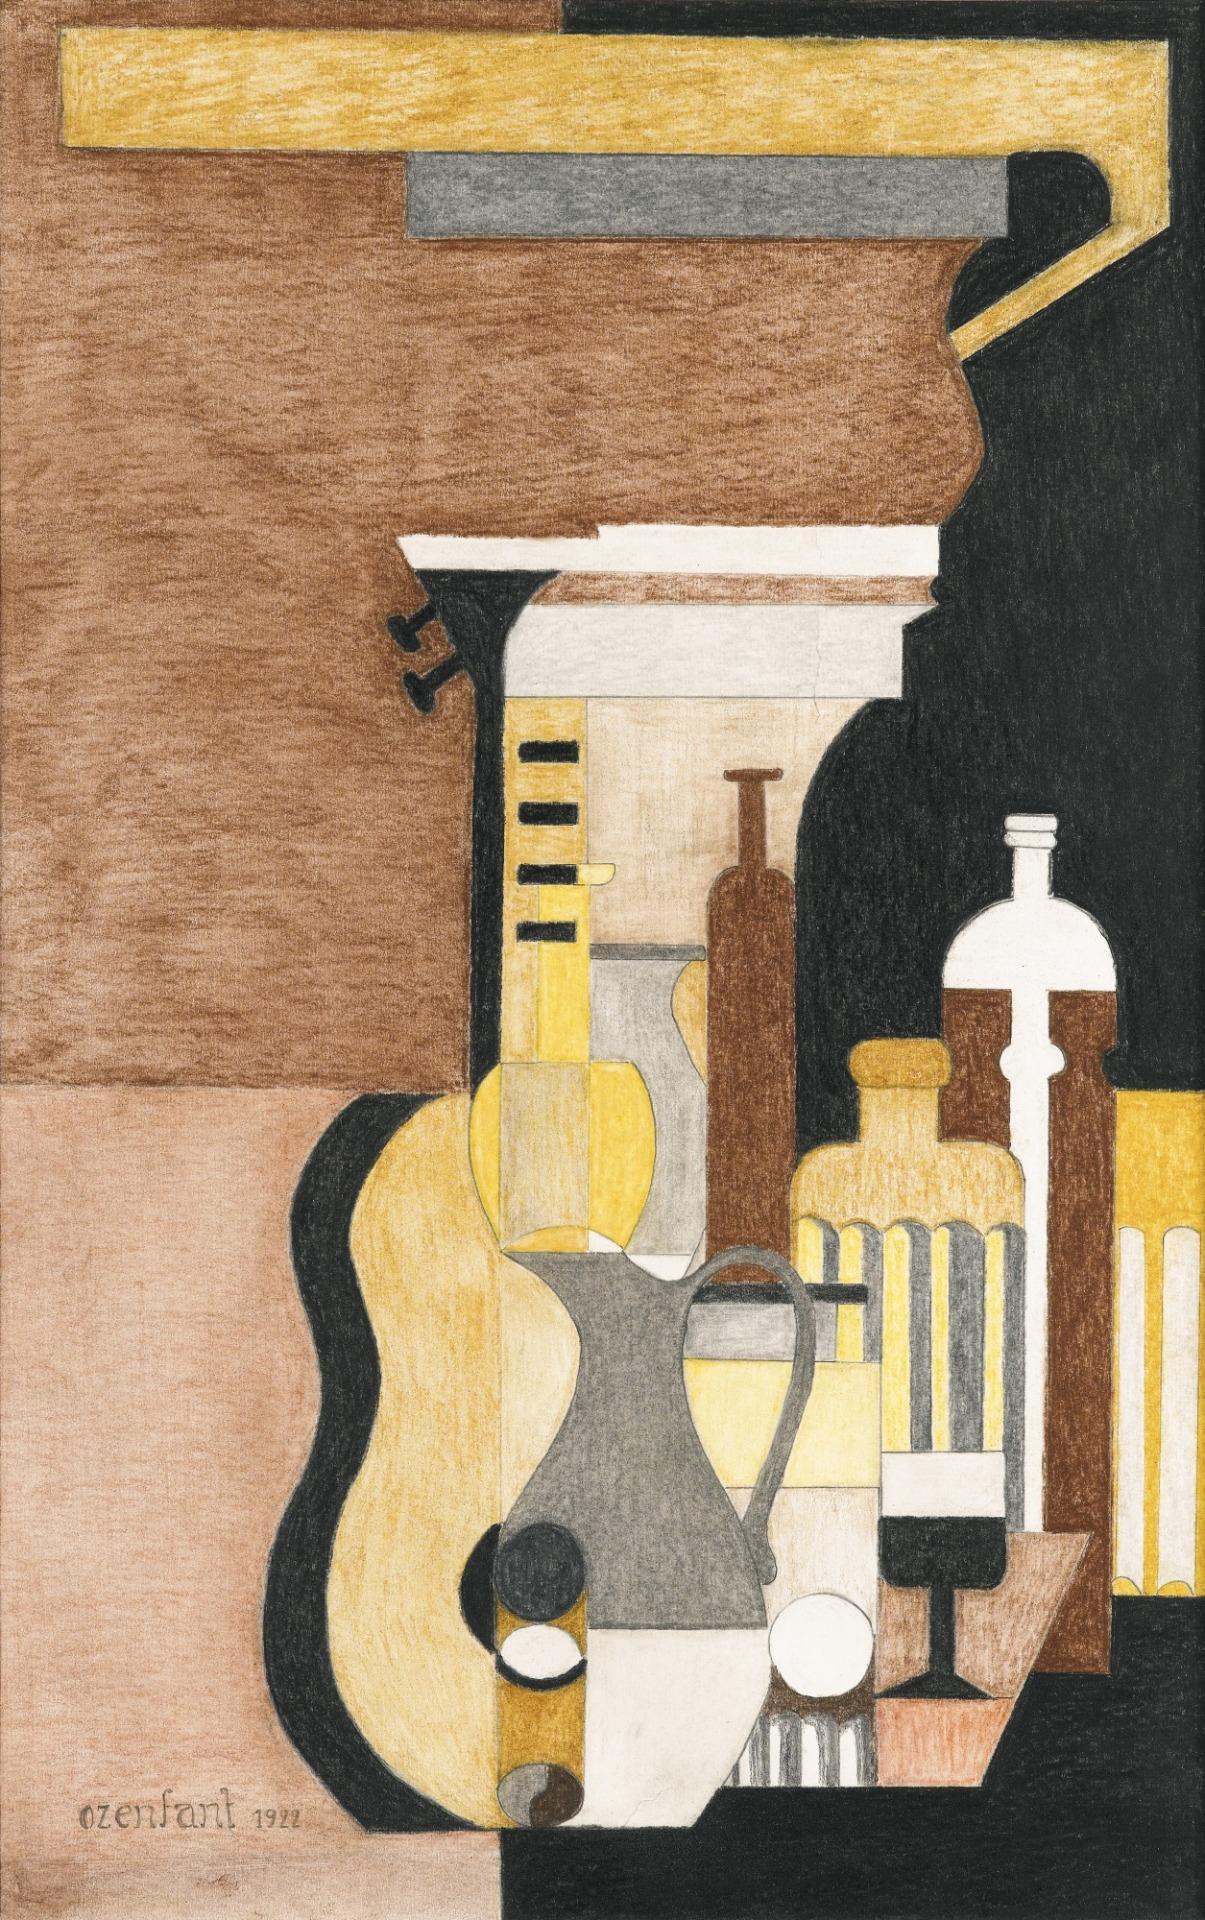 thunderstruck9:  Amédée Ozenfant (French, 1886-1966), Fugue, guitare et architecture, 1922. Pastel and pencil on paper, 51.4 x 35.9 cm.